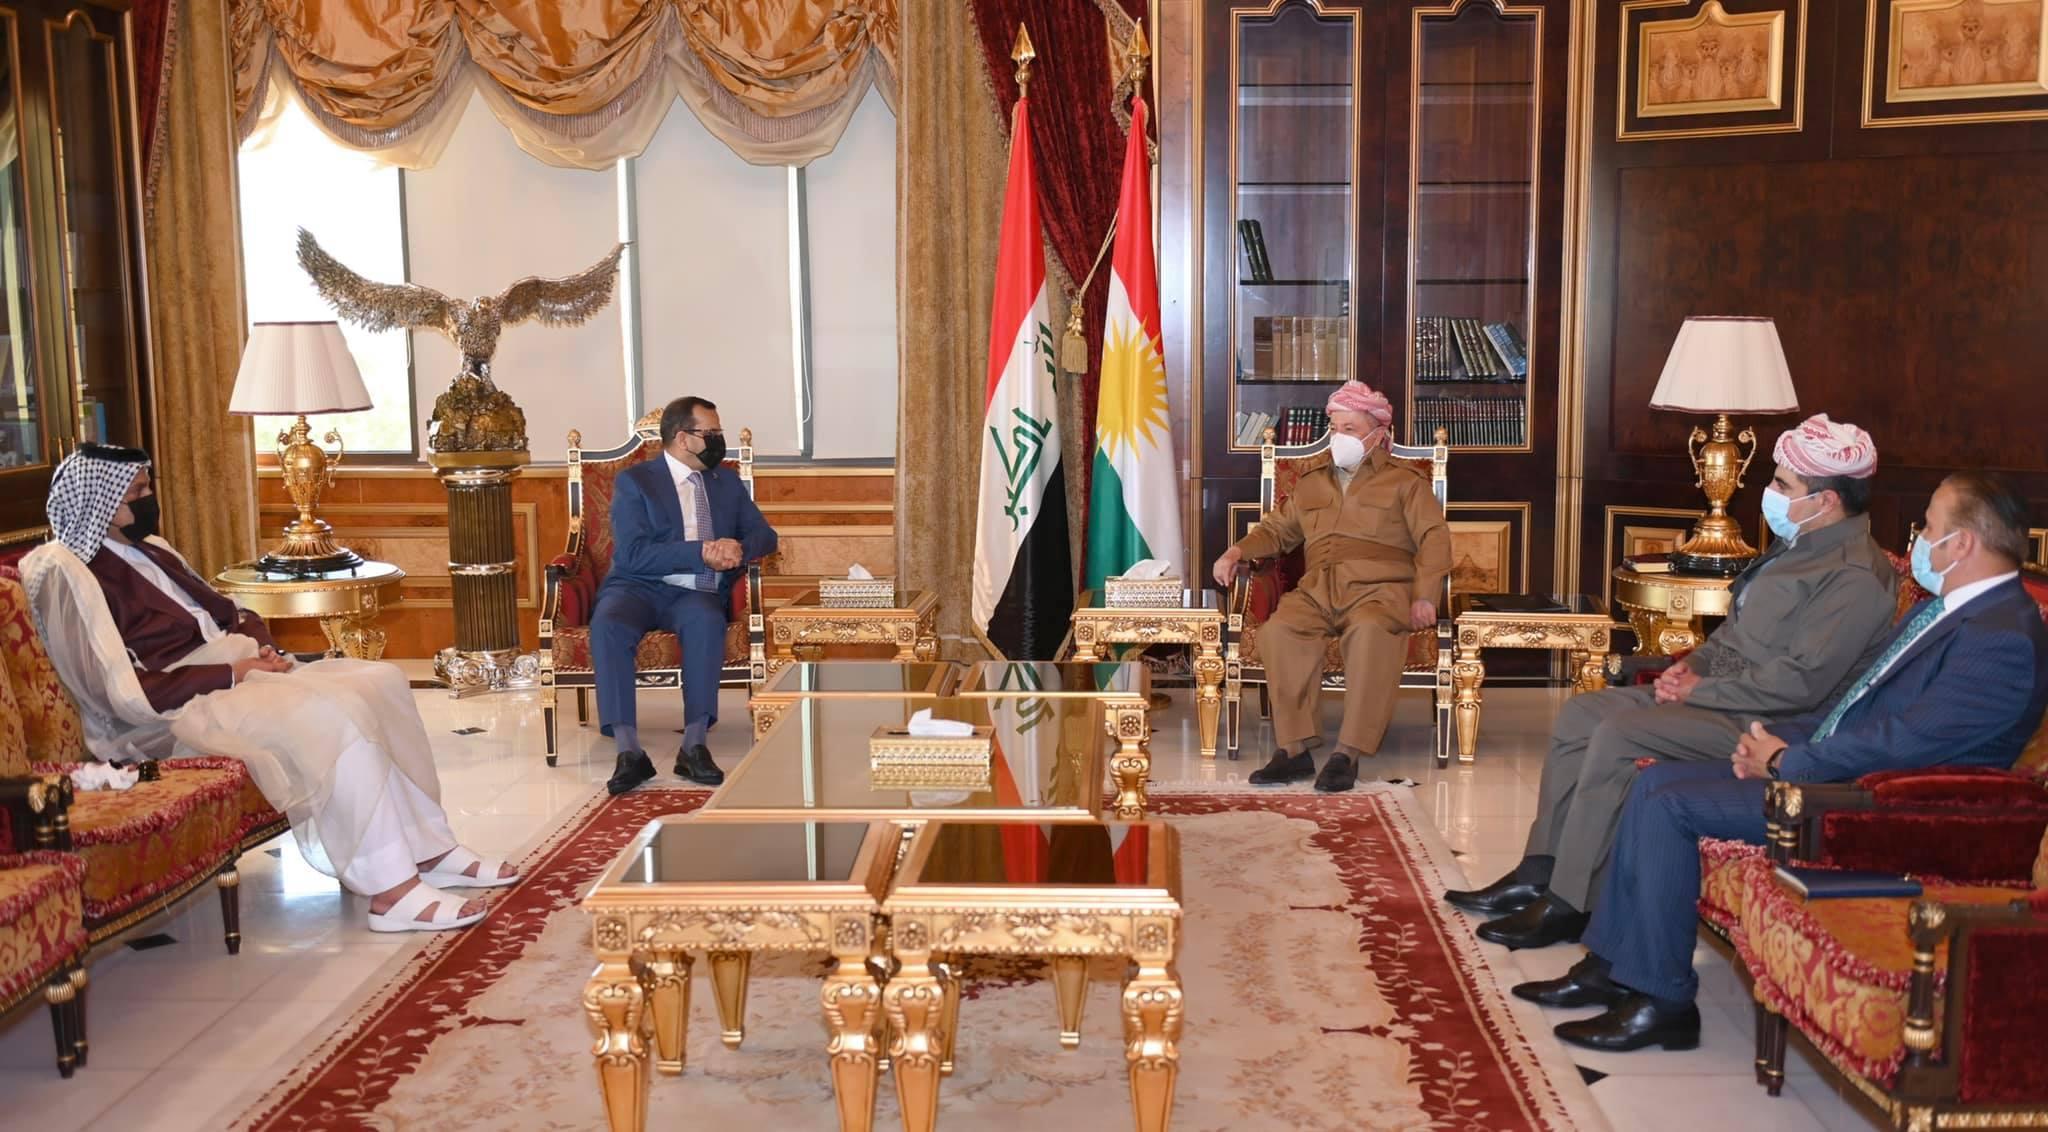 Iraklı Vali: Kürdistan'ın tecrübesinden yararlanmak istiyoruz